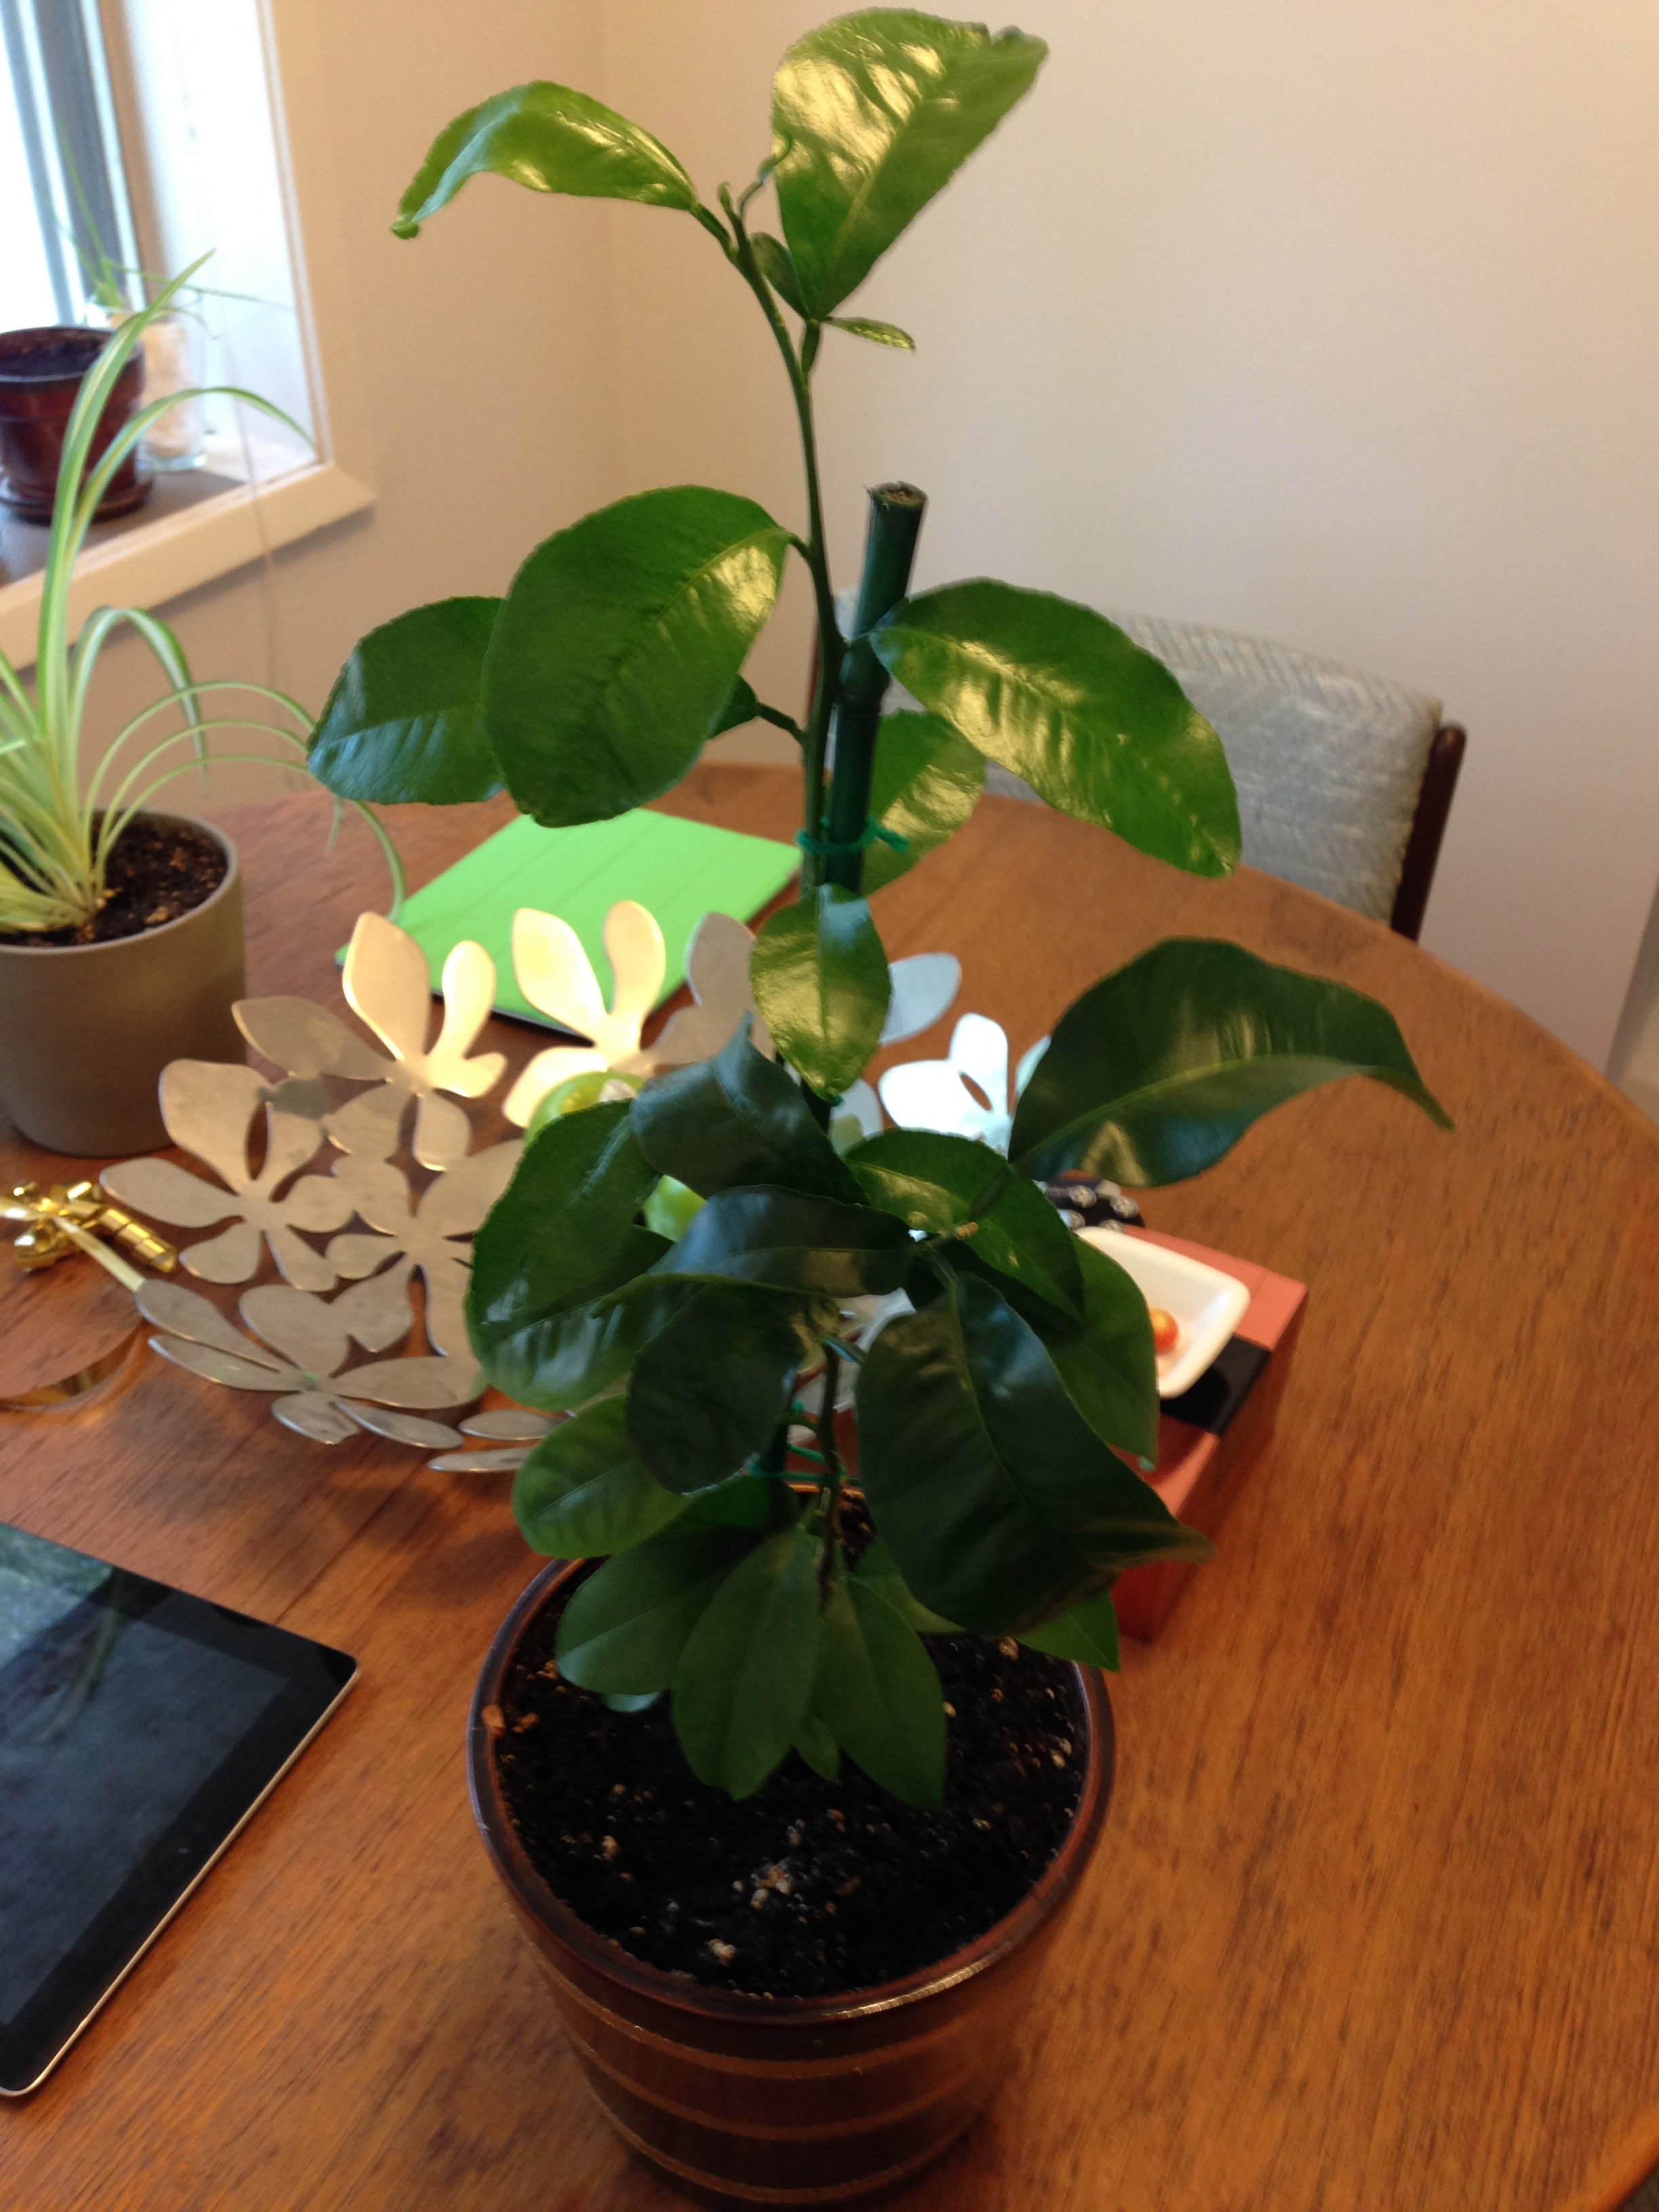 The Orange Plant